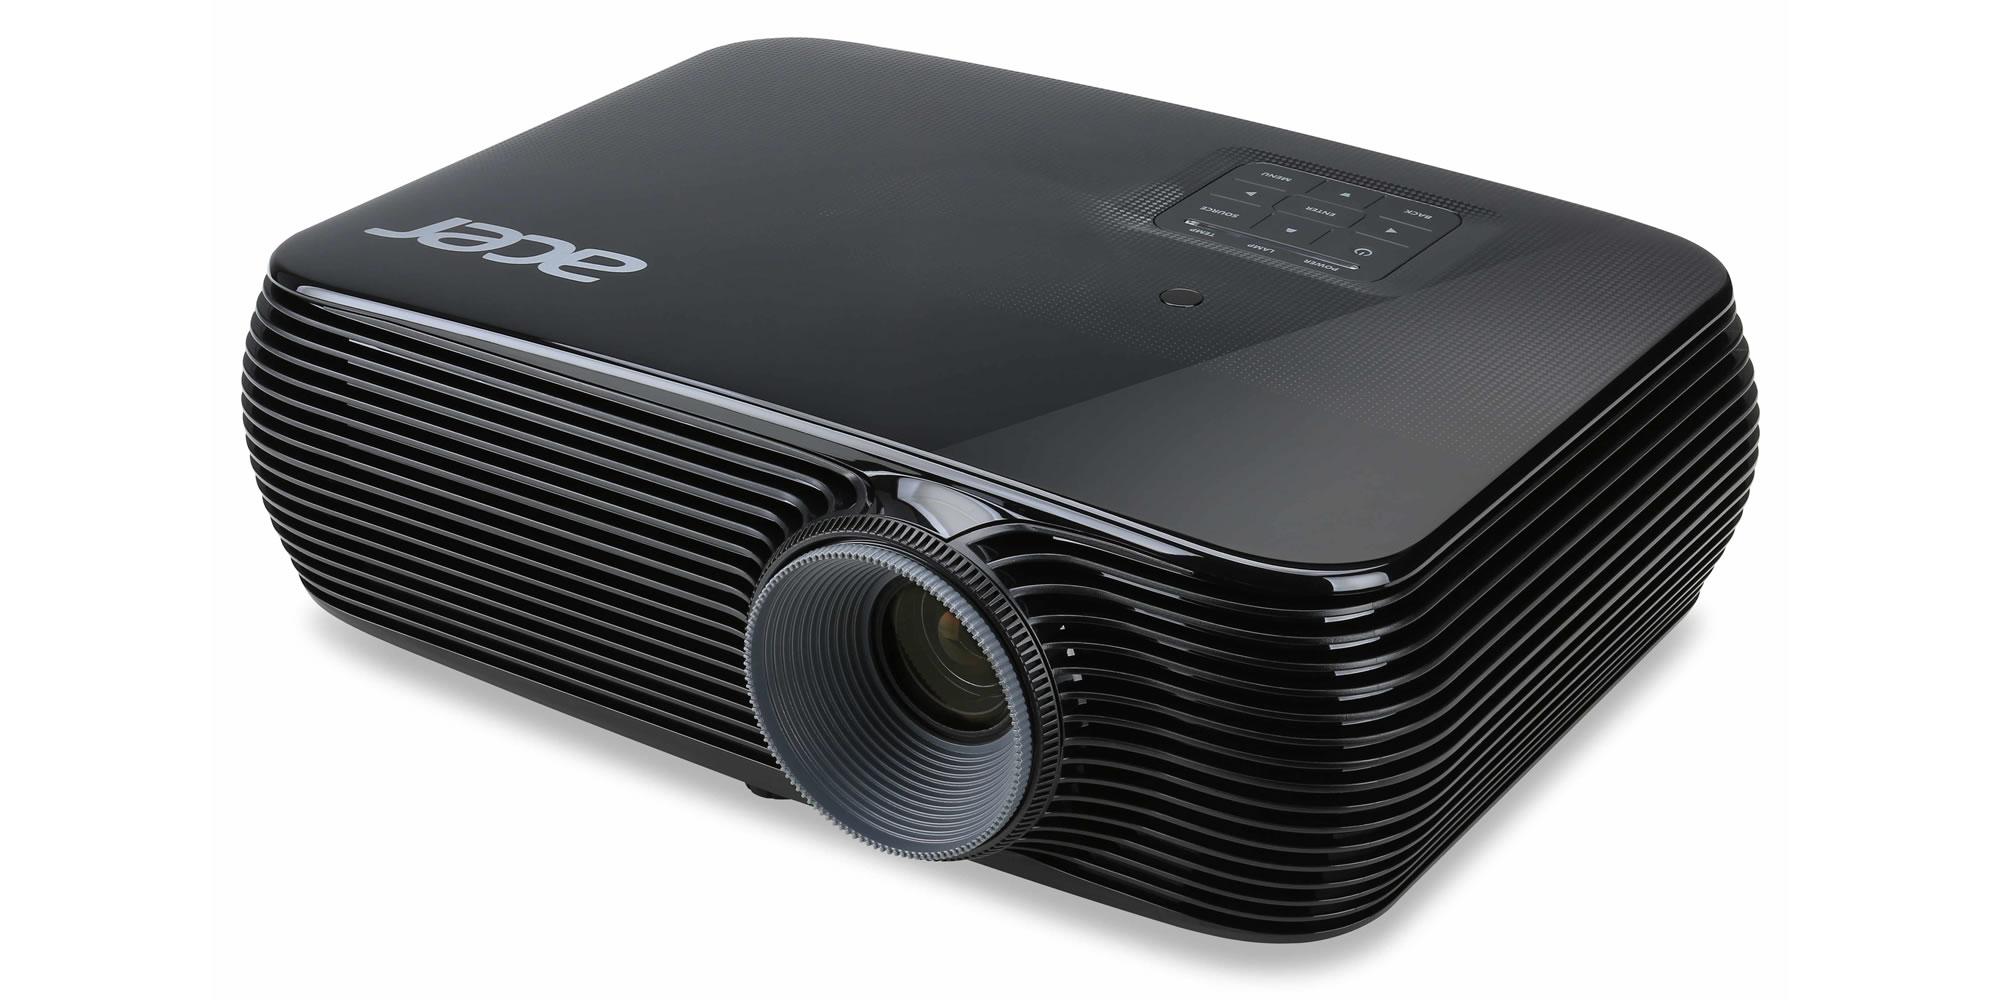 Проектор Acer X1126H DLP 800x600 4000 люмен 20000:1 черный MR.JPB11.001 проектор acer x1226h dlp 1024x768 4000 люмен 20000 1 черный mr jpa11 001